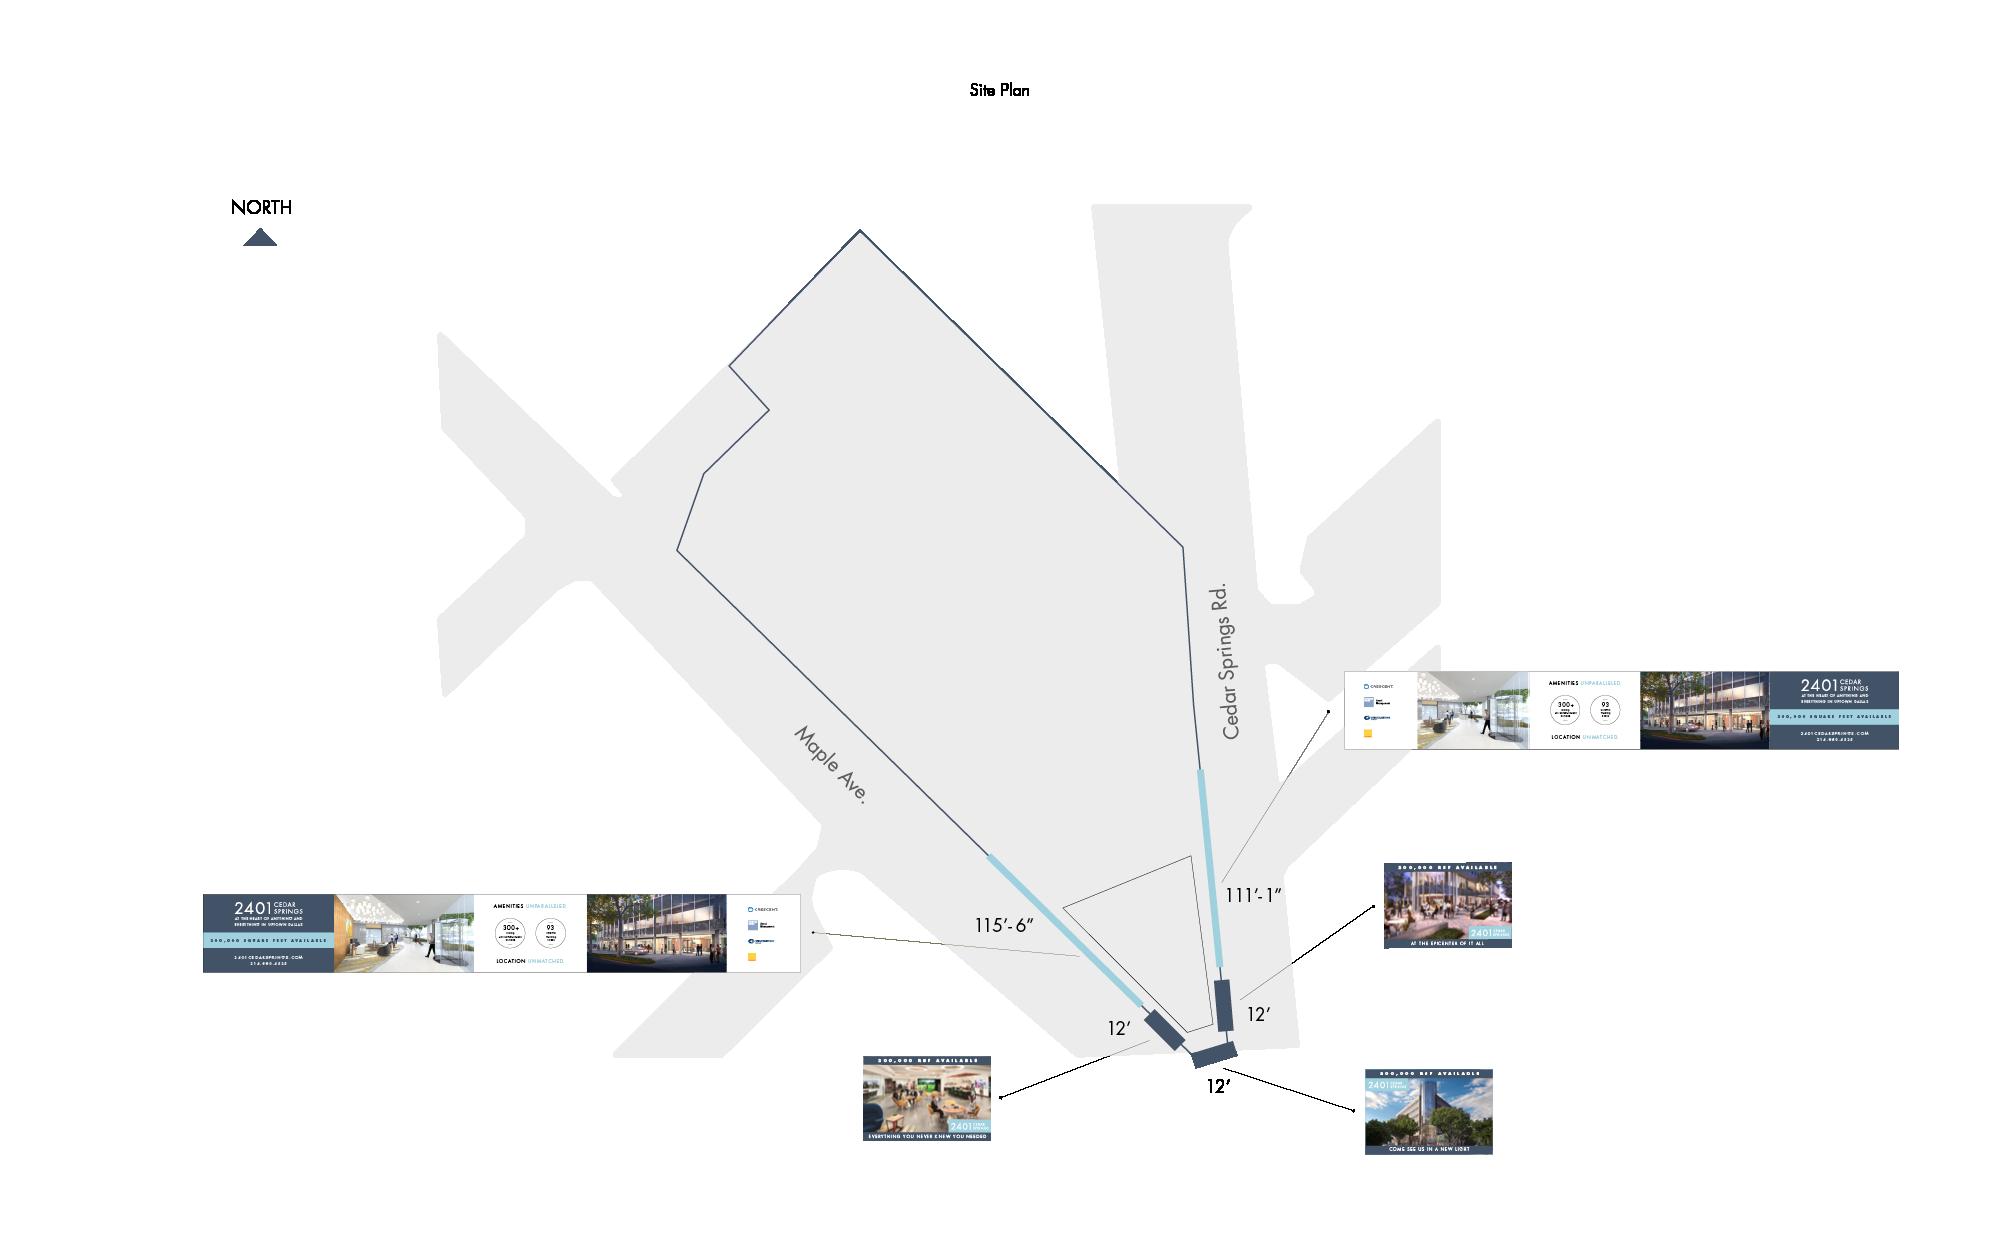 2401-Cedar-Springs_Signage_Concept-A_R4_FOR-PORTFOLIO-ALL3.png